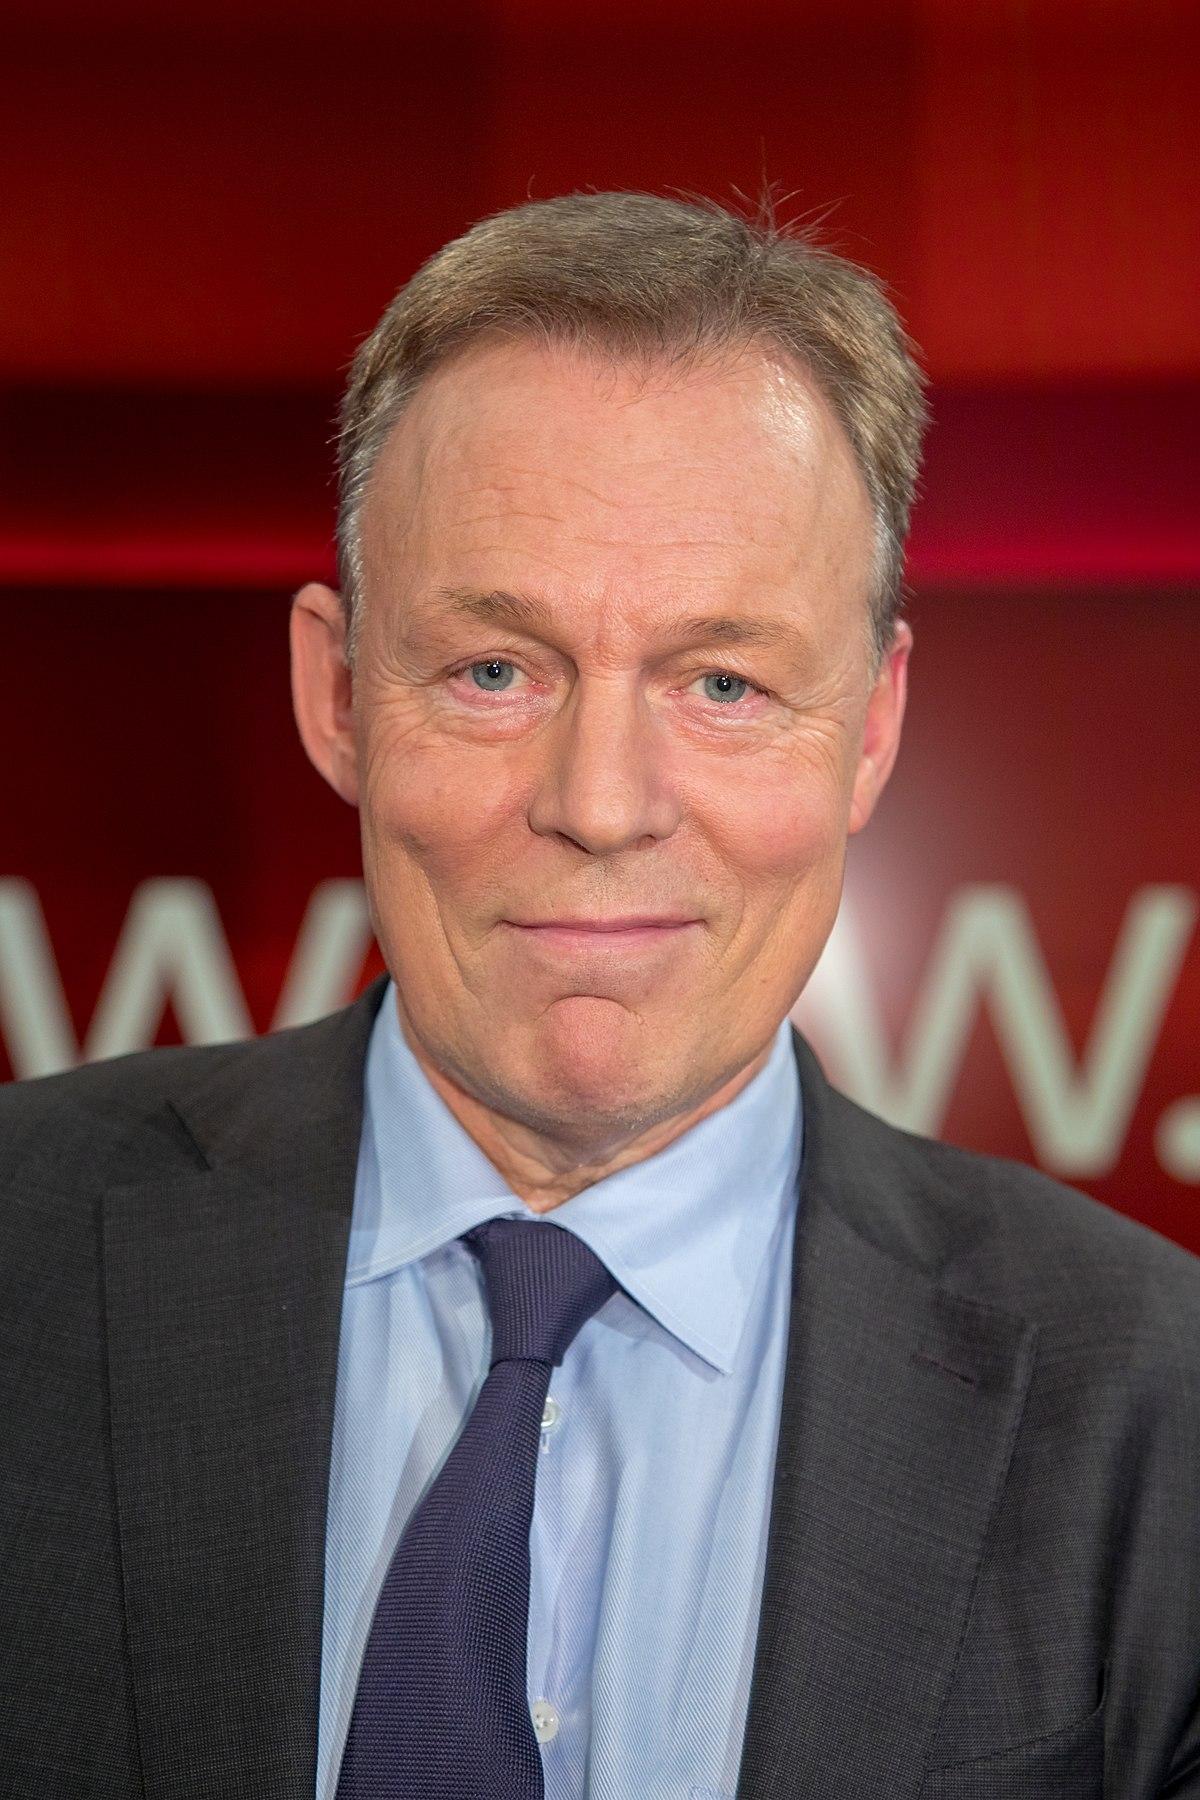 Oppermann Braunschweig oppermann